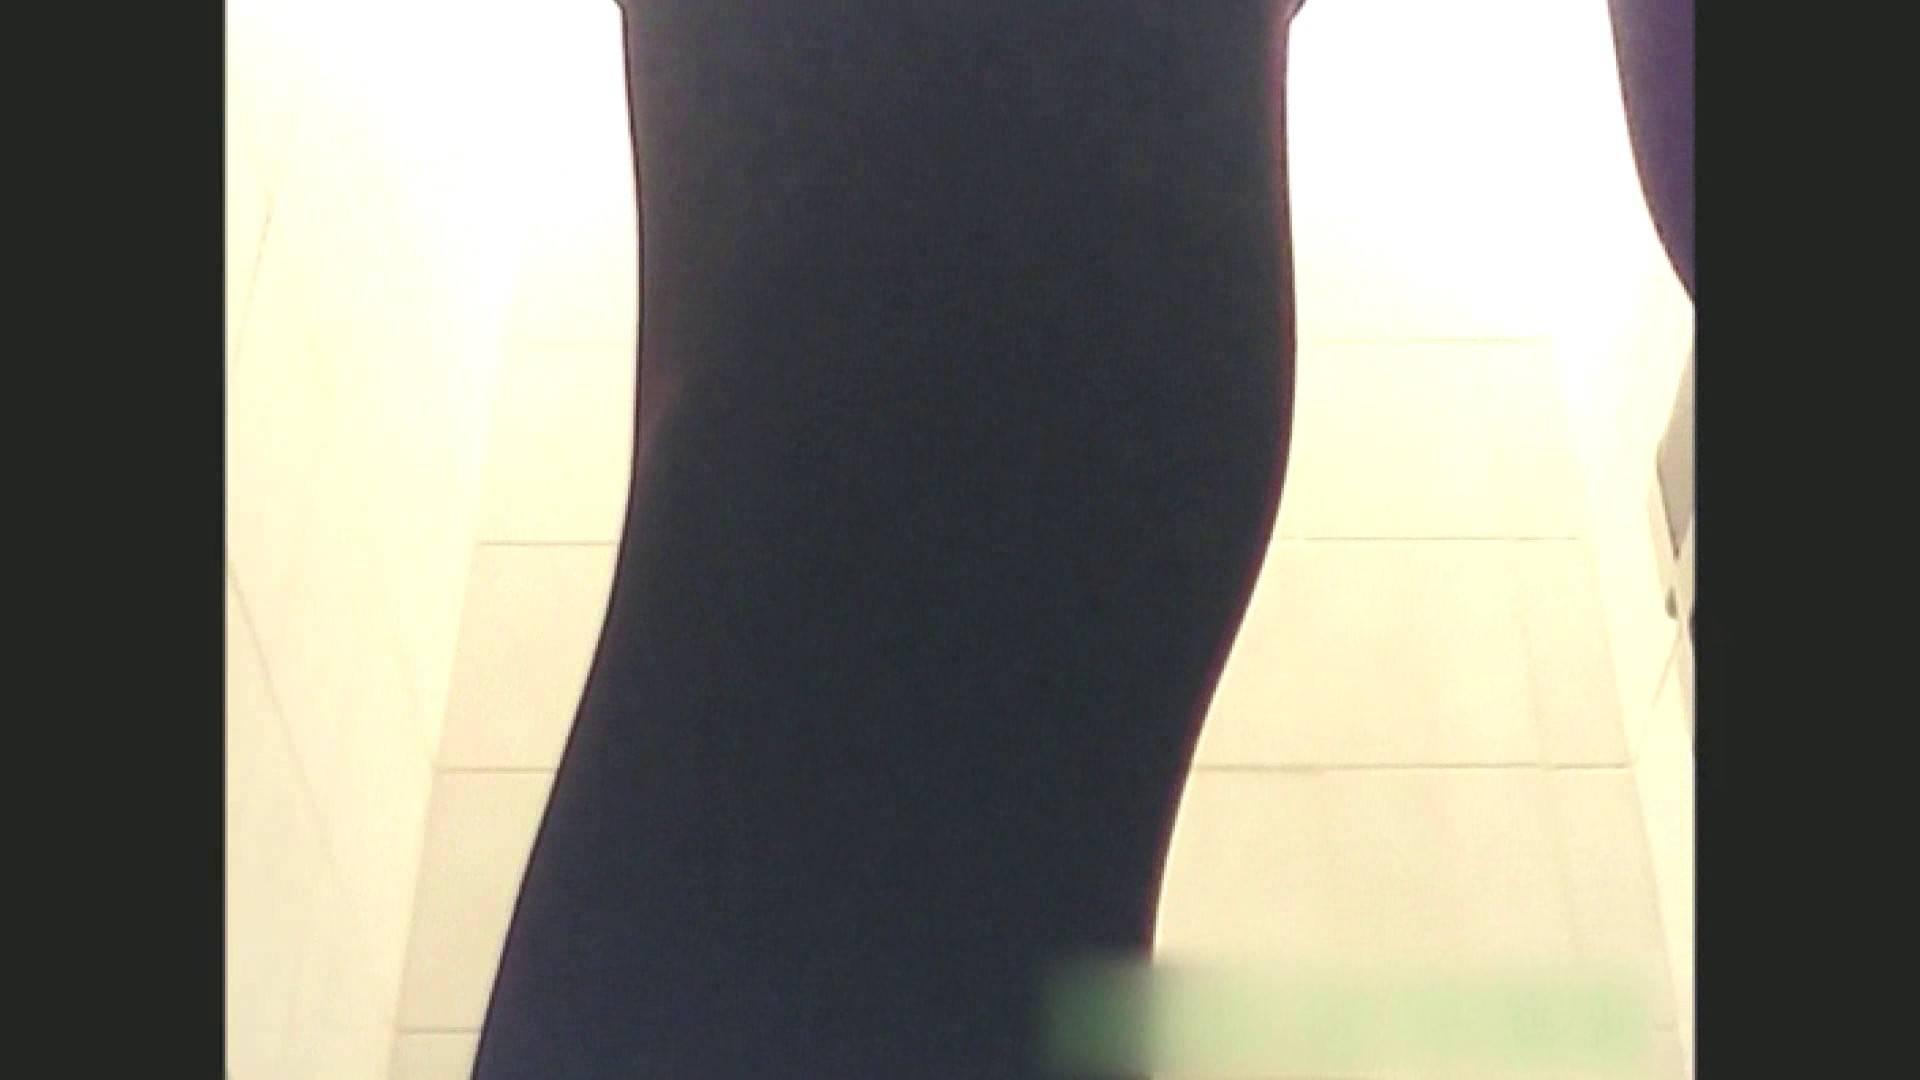 実録!!綺麗なお姉さんのトイレ事情・・・。vol.15 OLヌード天国  64PIX 10